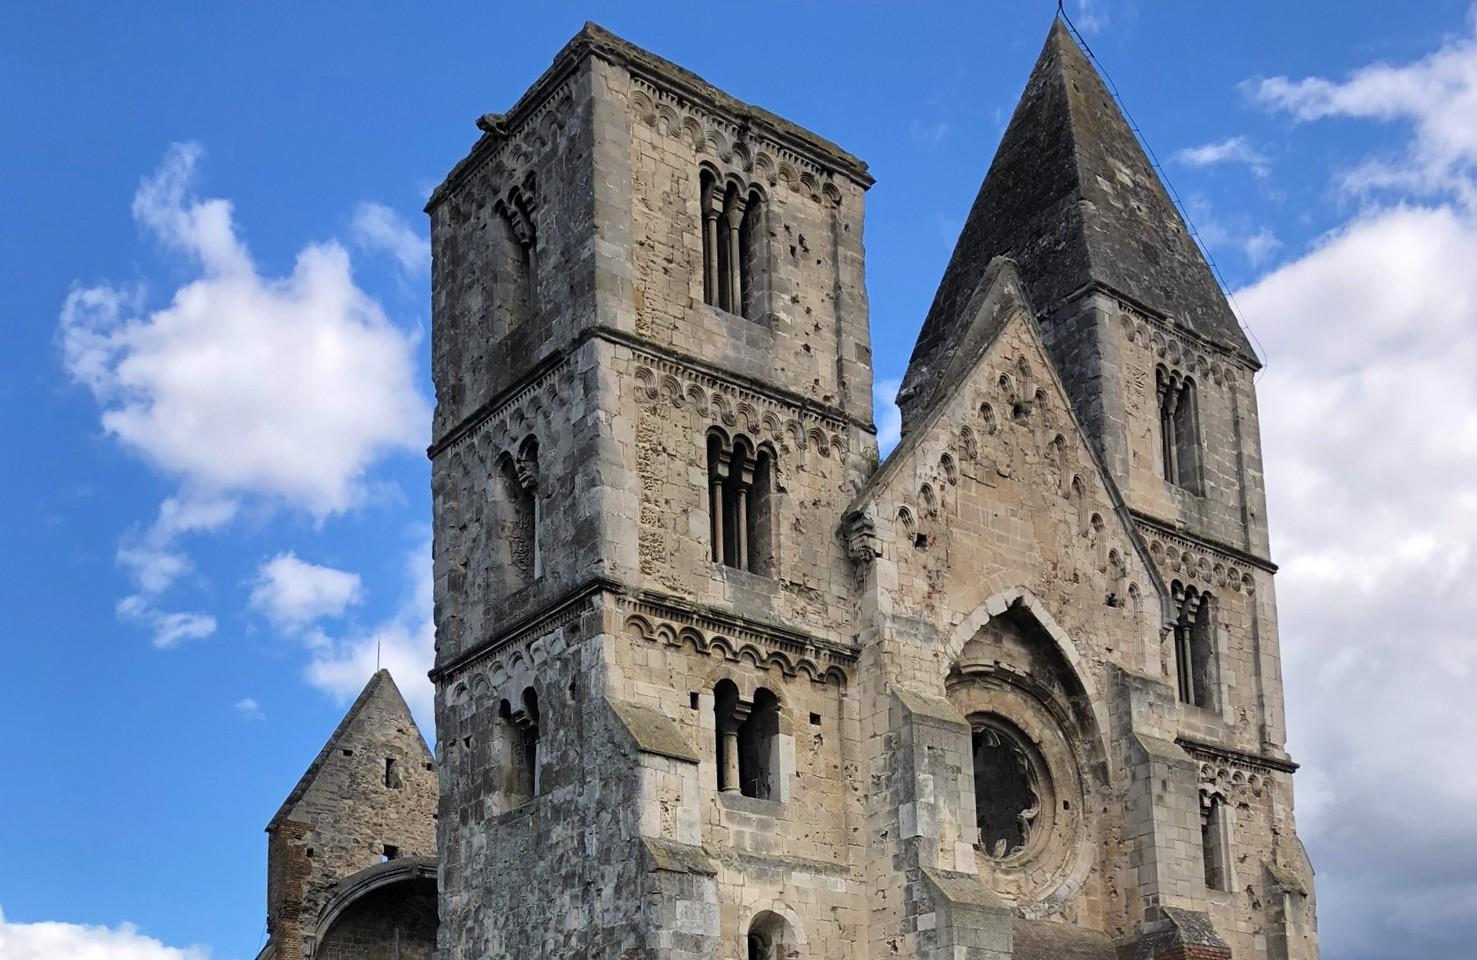 Pest megye legszebb temploma: a Zsámbéki romtemplom